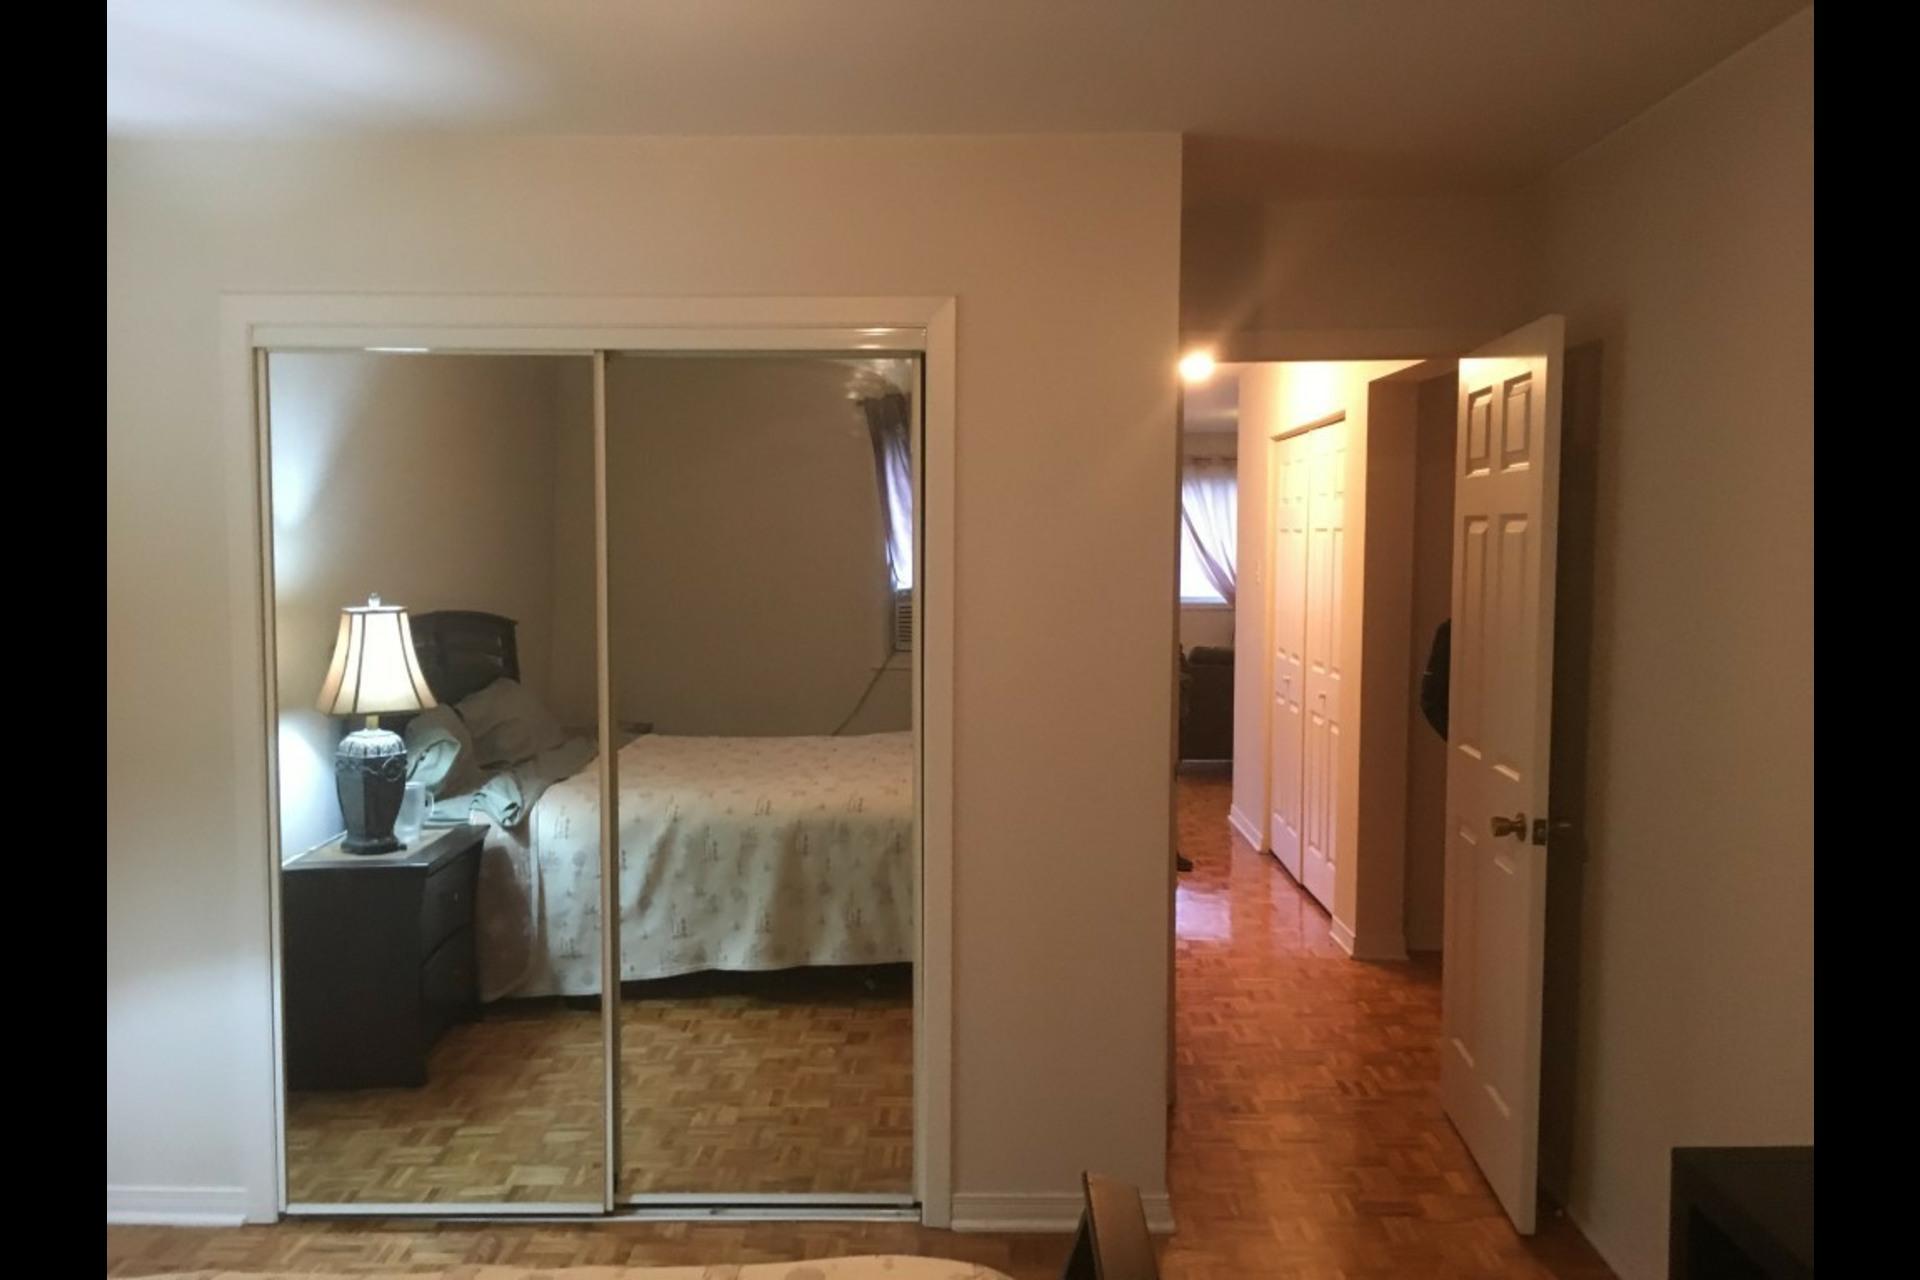 image 6 - Appartement À louer Montréal Rivière-des-Prairies - 4 pièces